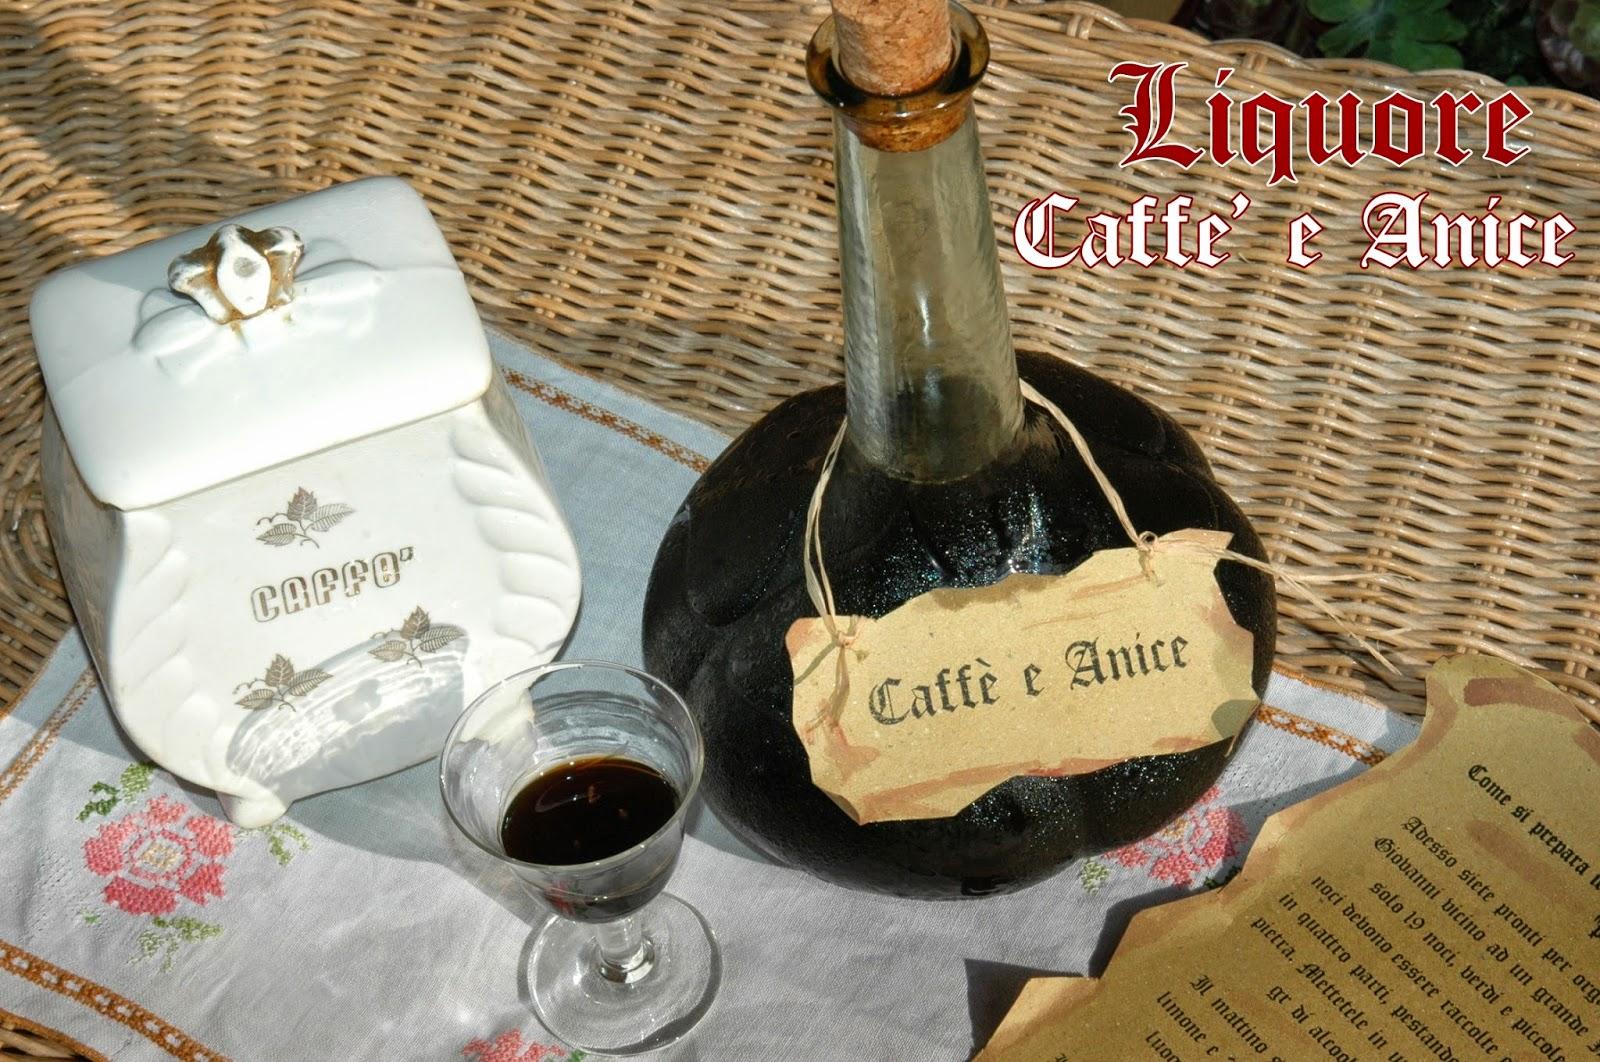 liquore caffè e anice